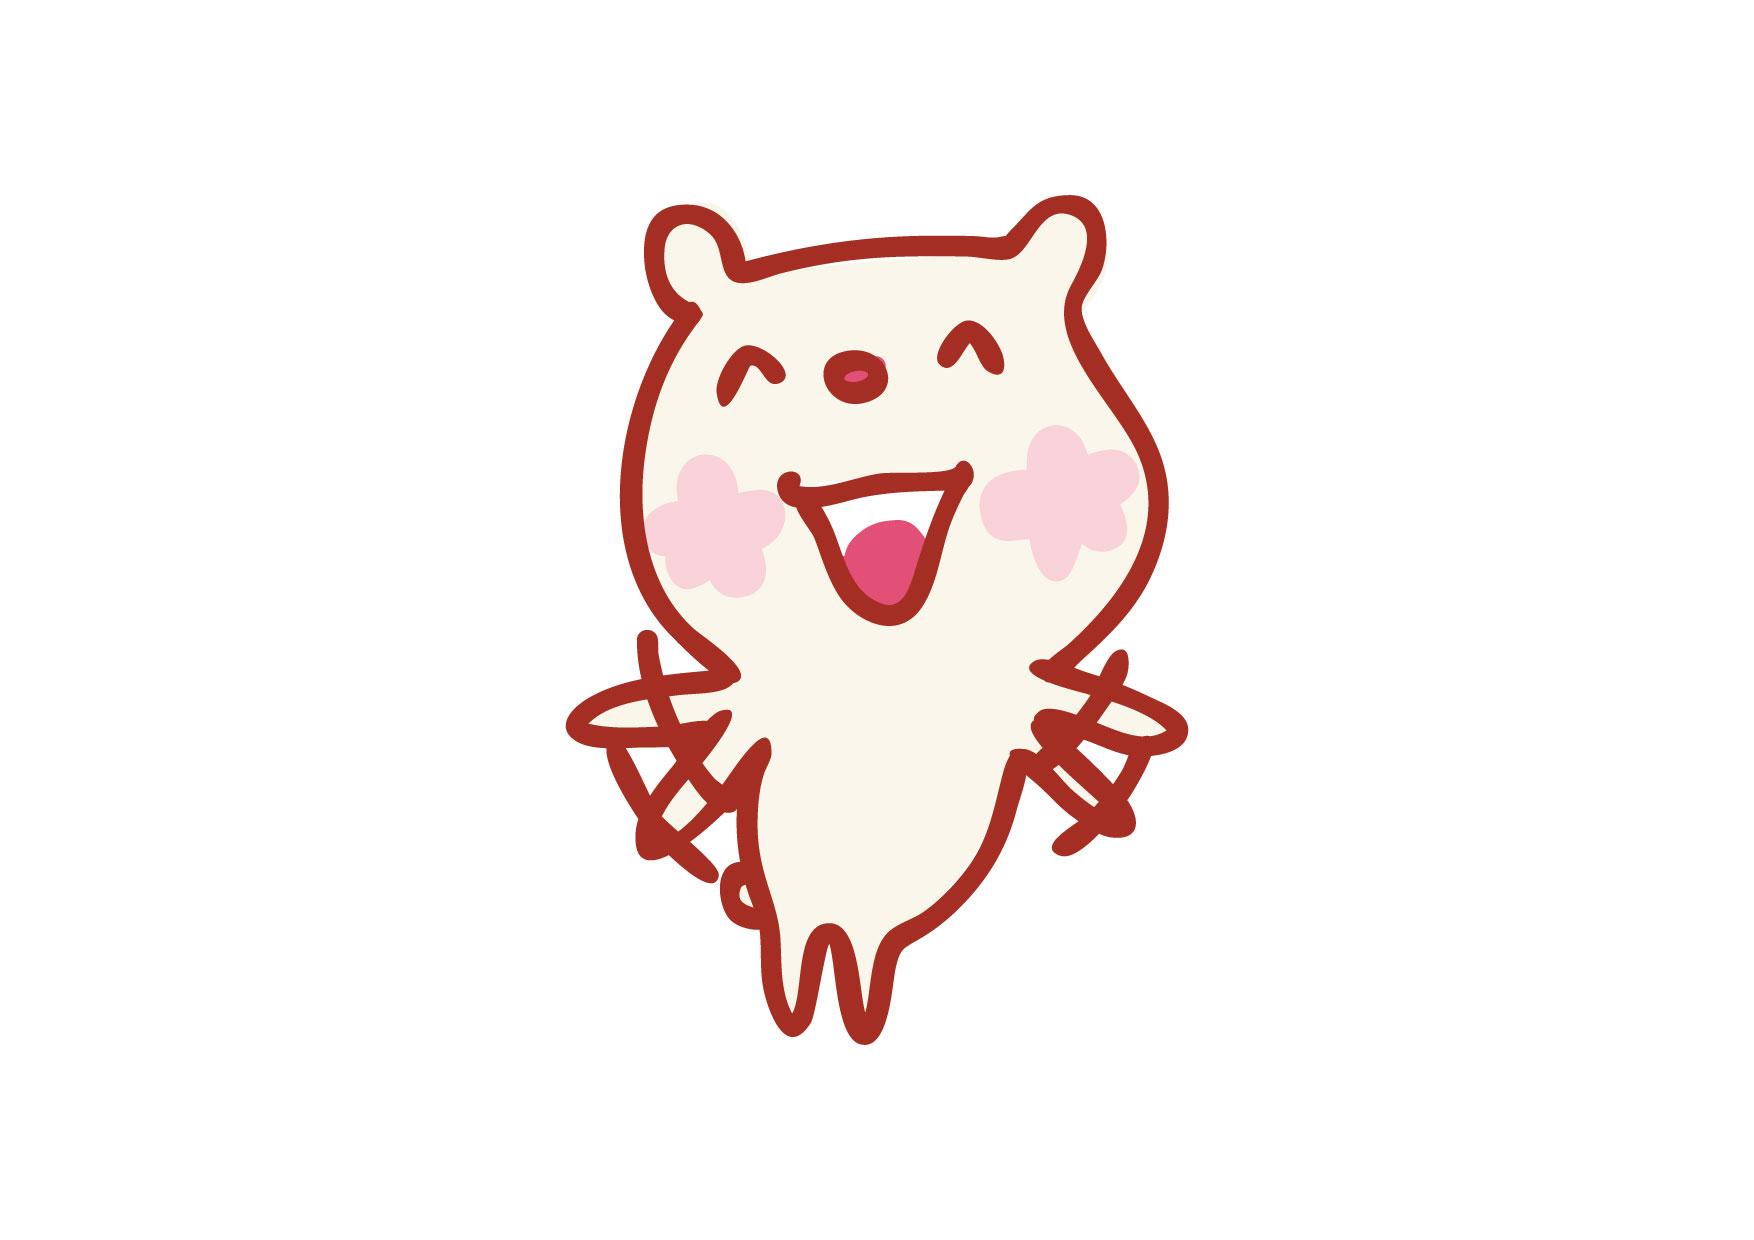 可愛いイラスト無料|くまさん ワクワク − free illustration Bear excited